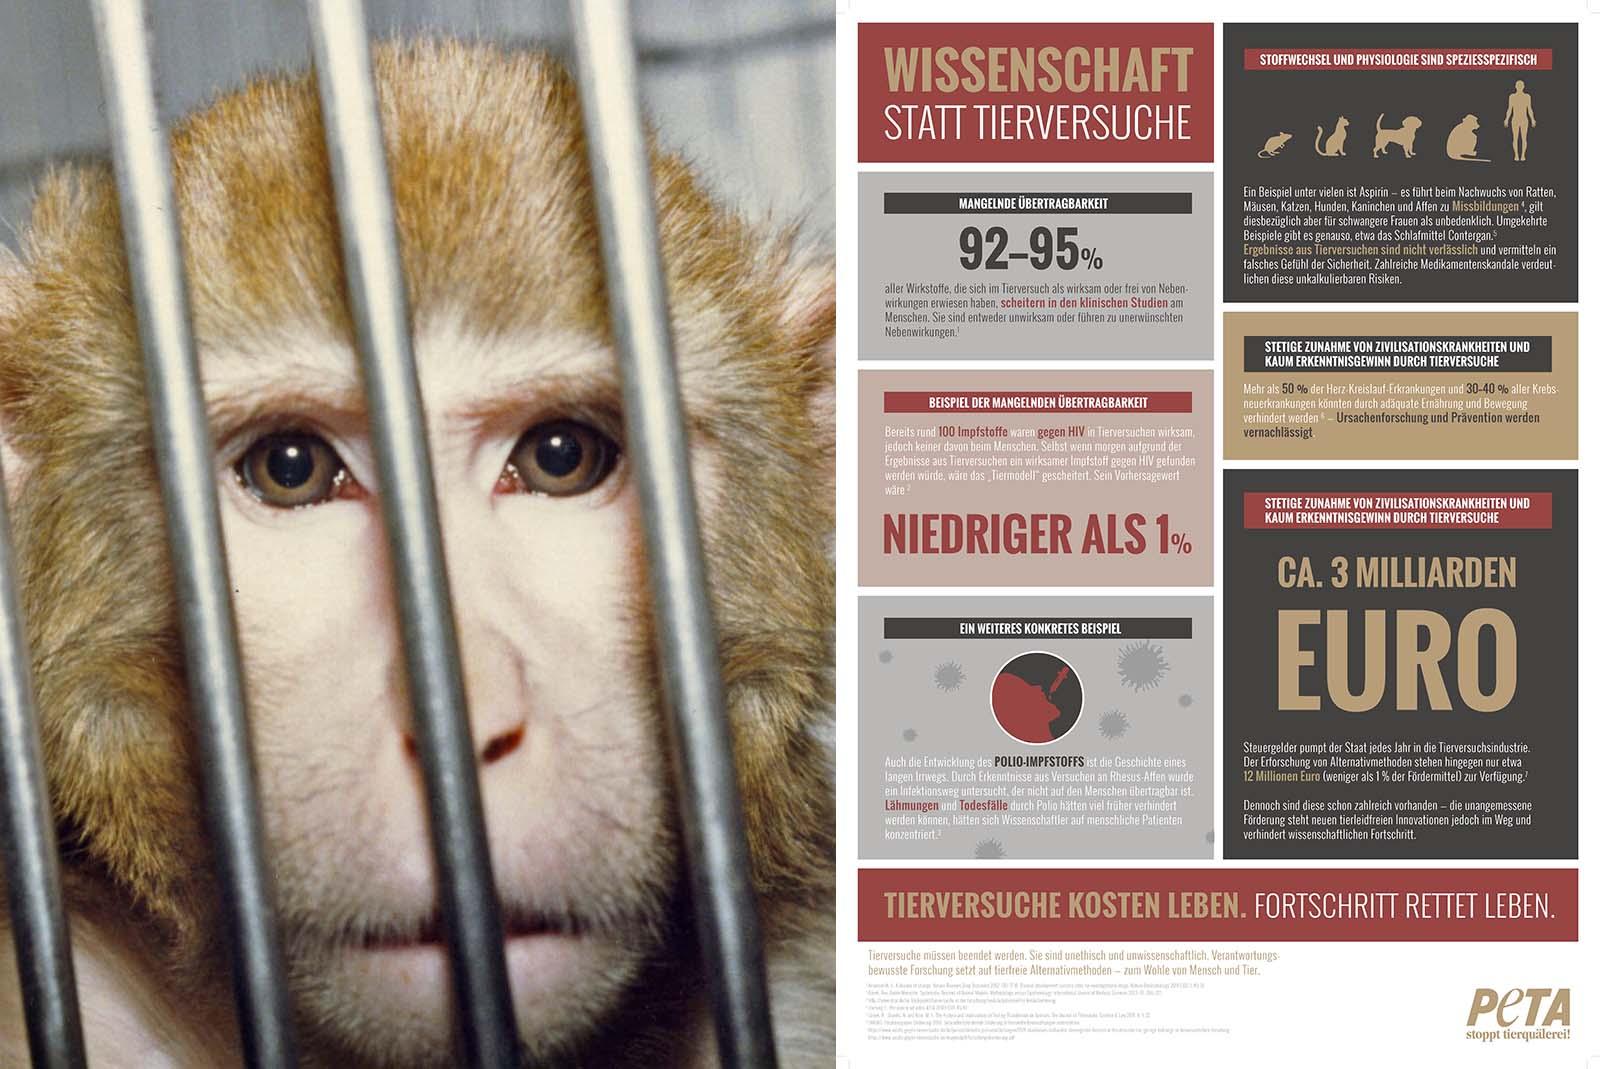 Kritik an der Universität Tübingen: Wissenschaft statt Tierversuche!